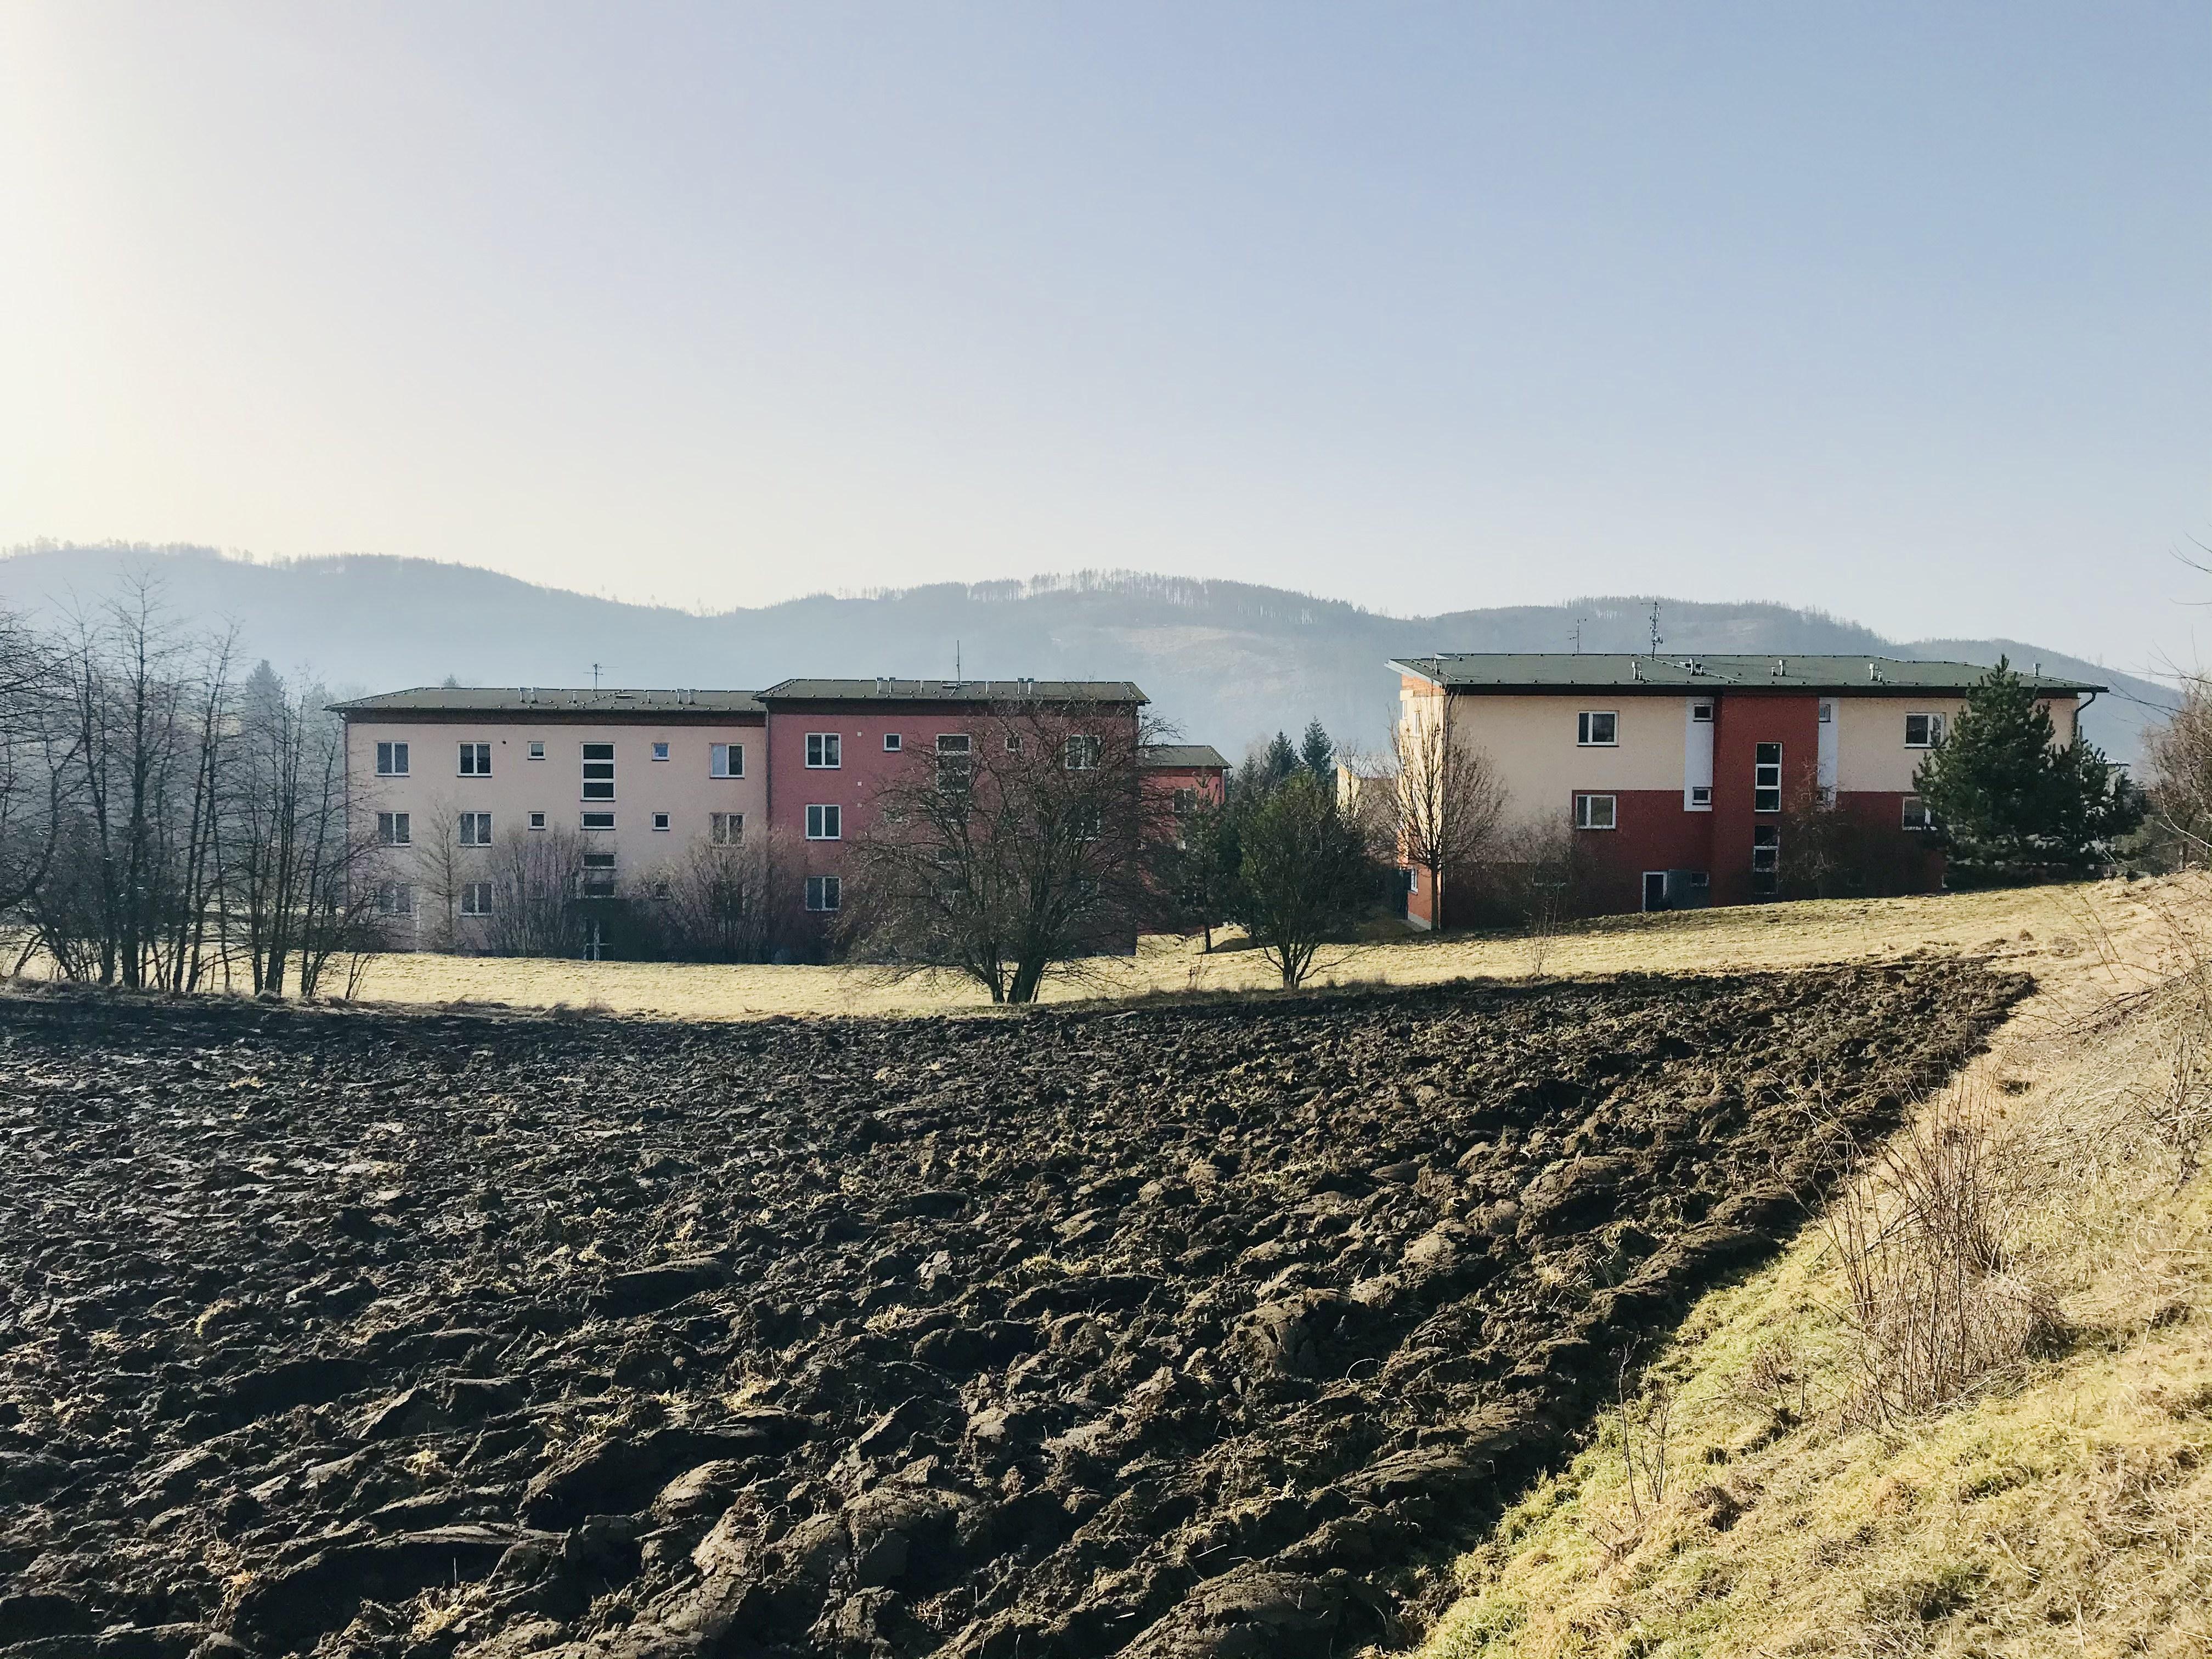 Pozemky, na kterých mají vyrůst nové bytové domy